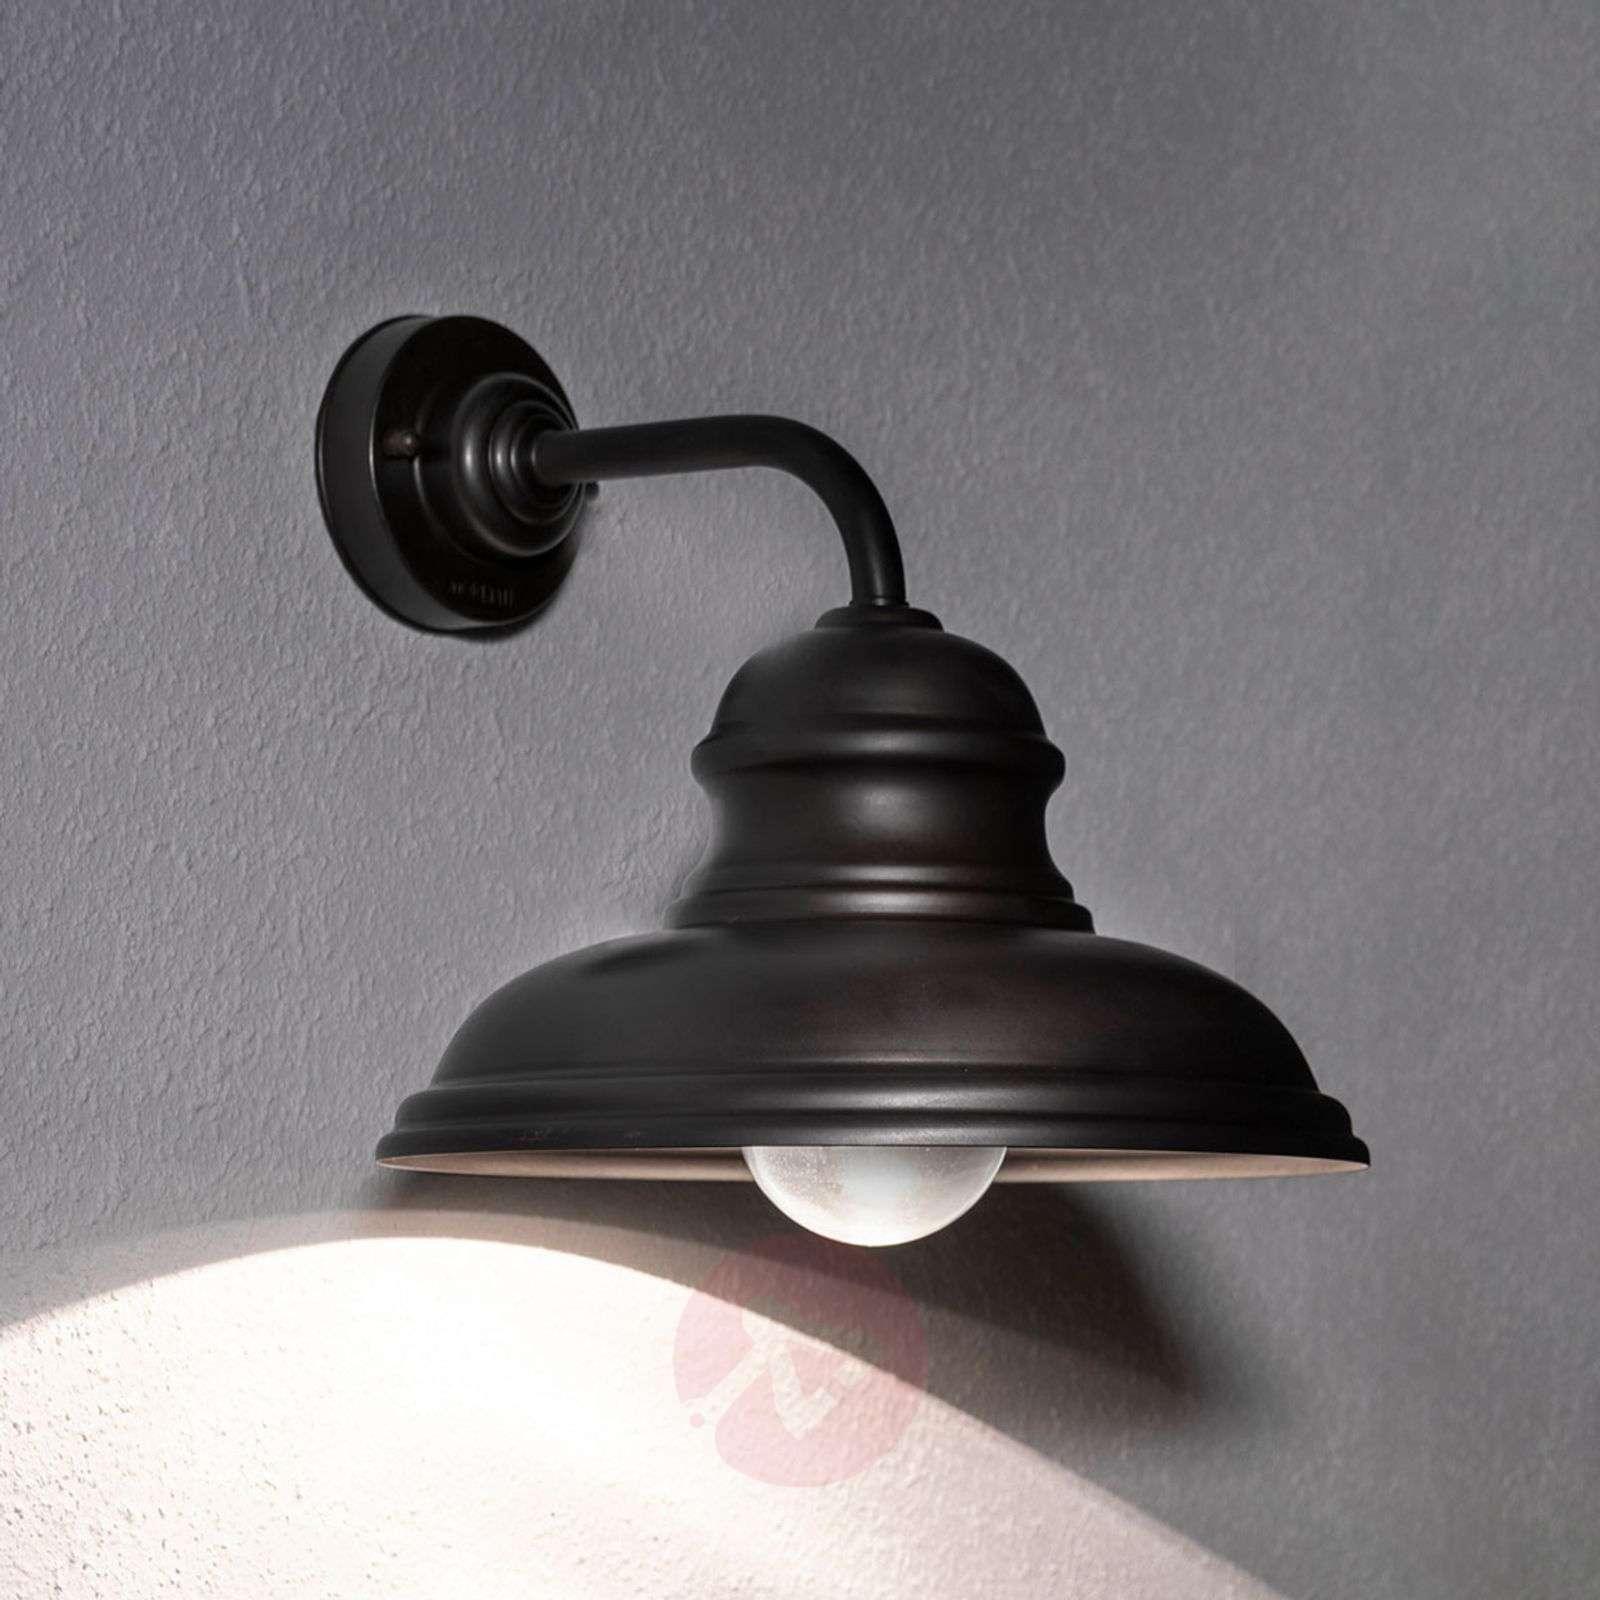 Rustic Outdoor Wall Light Valentina 6515135 01